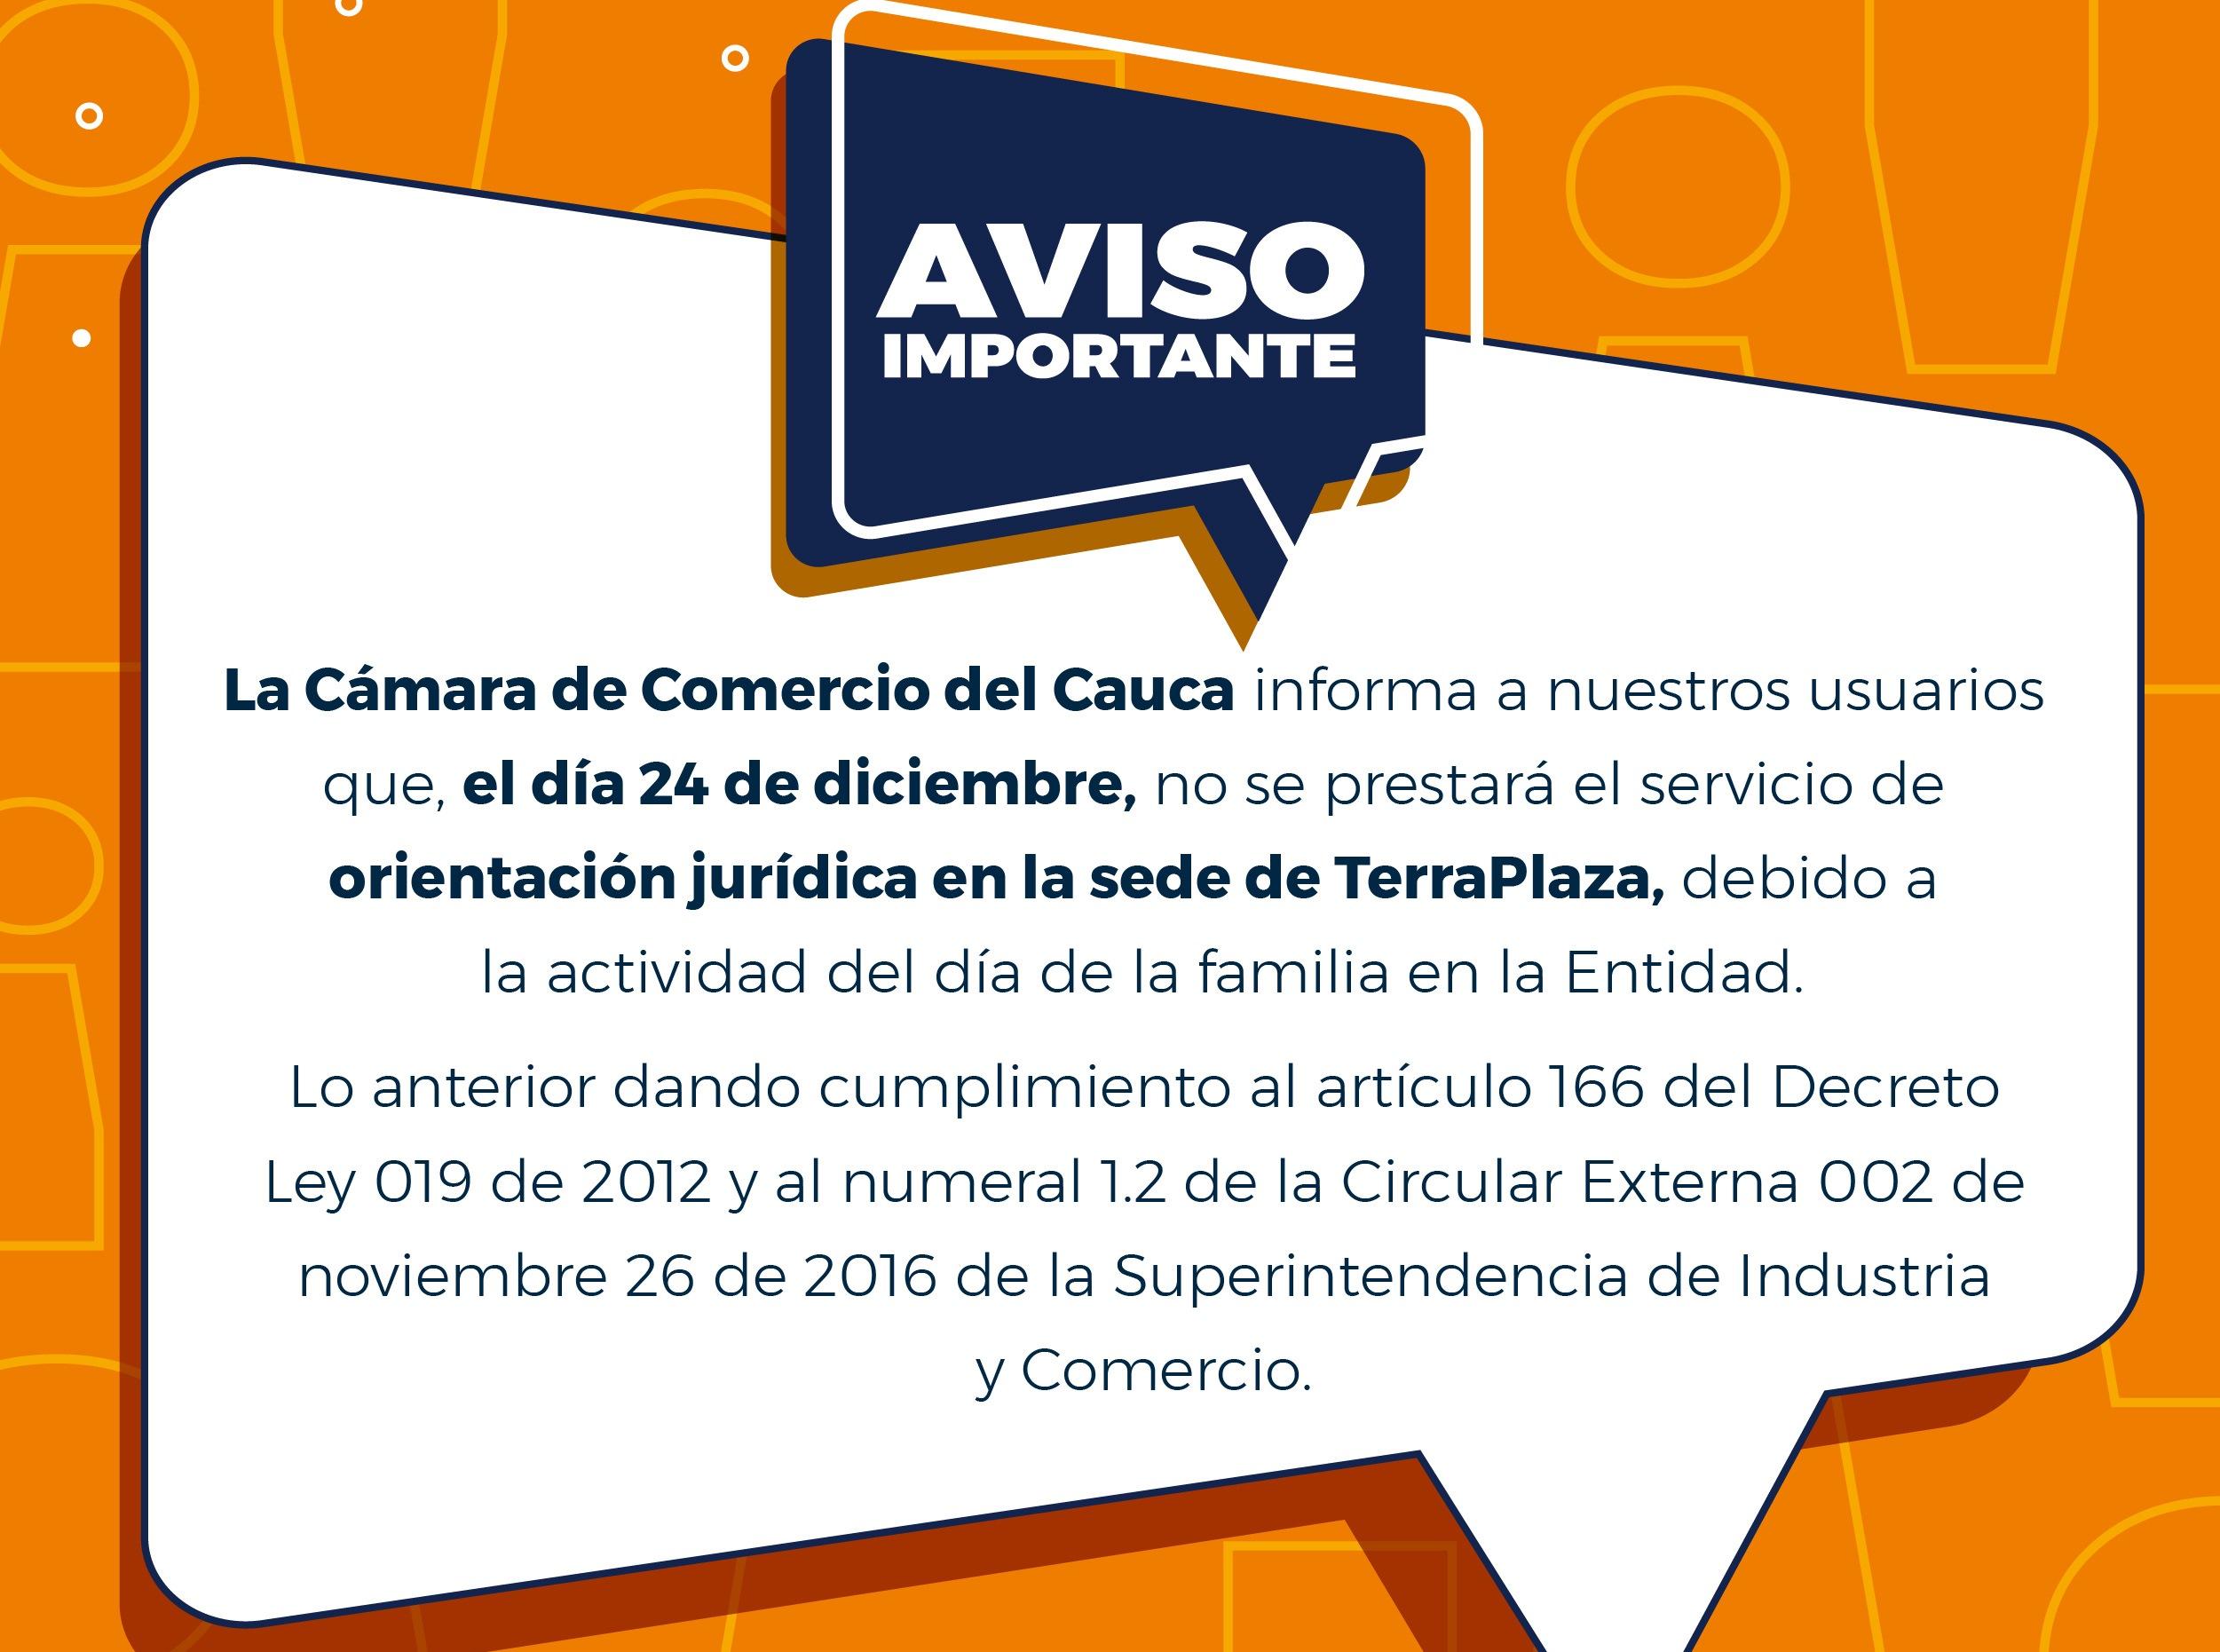 Aviso Importante - Orientación Jurídica Centro Comercial TerraPlaza 24 de diciembre 2020